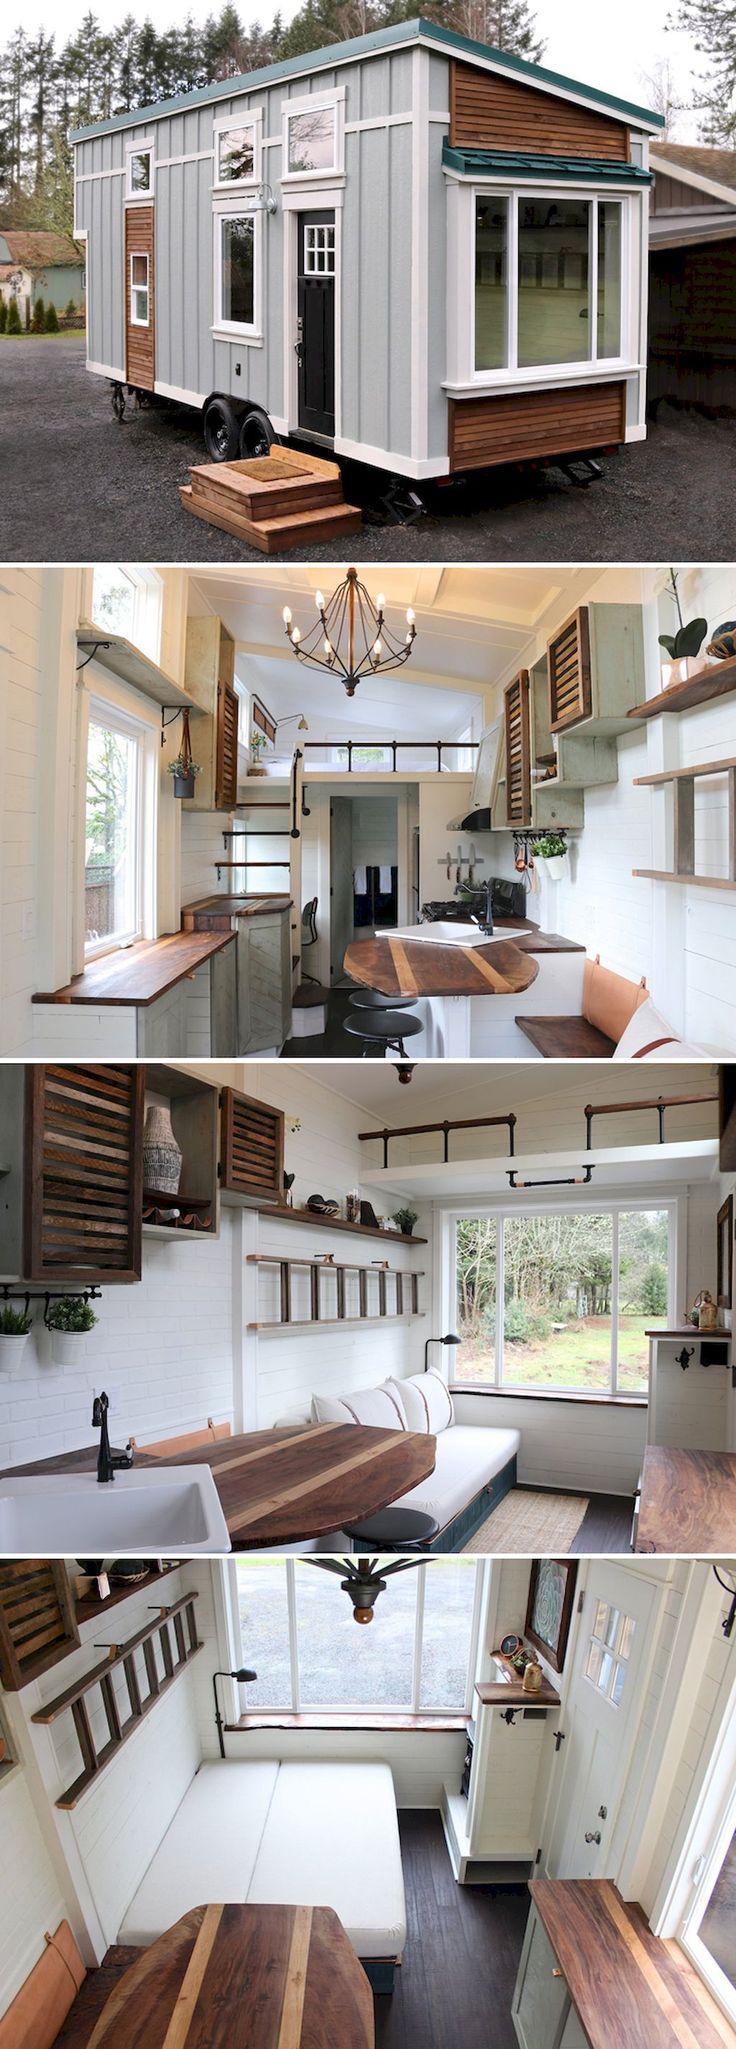 83 besten Σπίτι Bilder auf Pinterest | Ferienhaus, Rund ums haus und ...